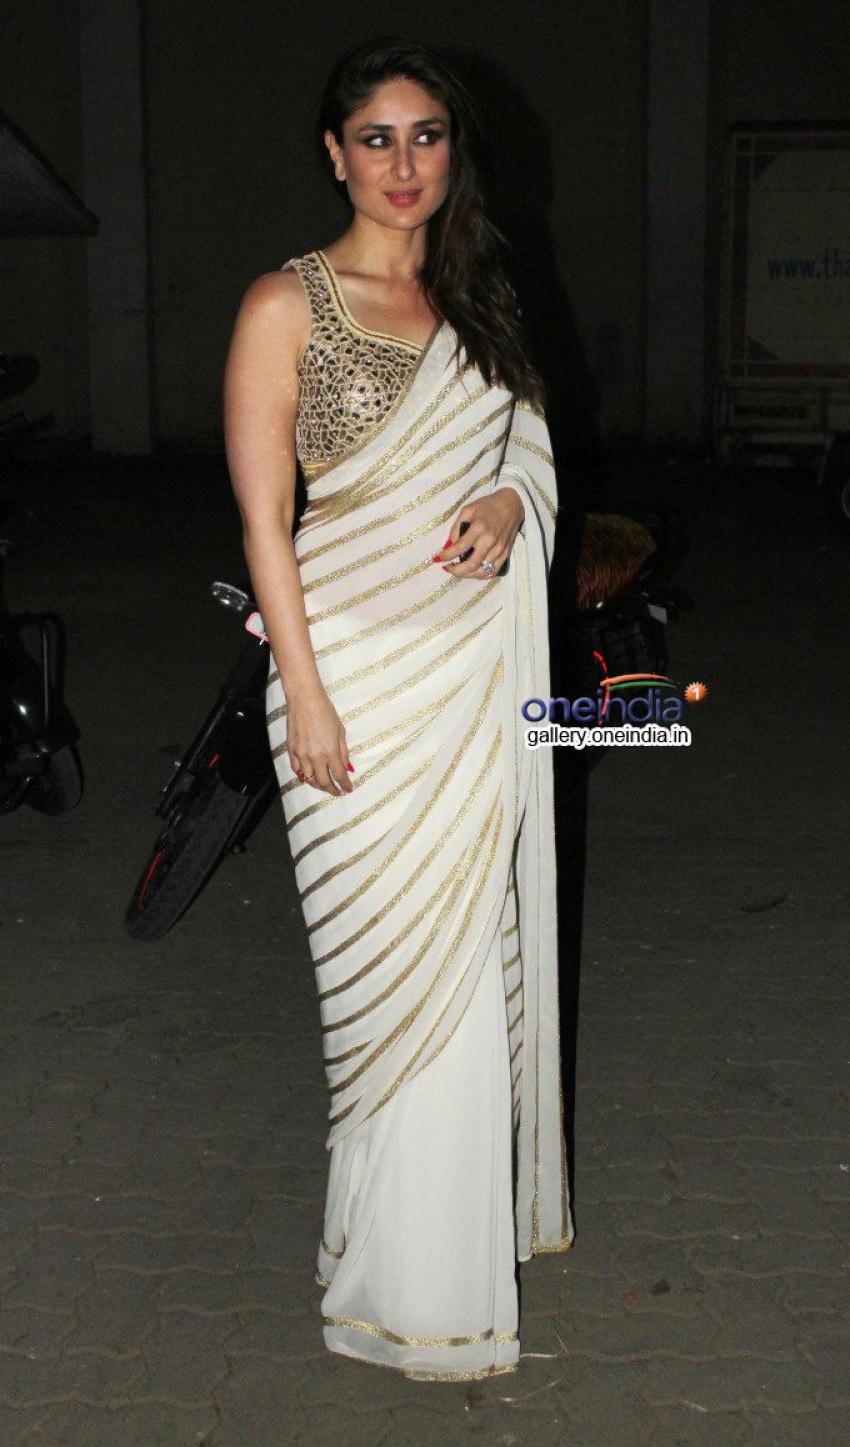 Saif Ali Khan and Kareena Kapoor snapped at Mehboob Studio Photos